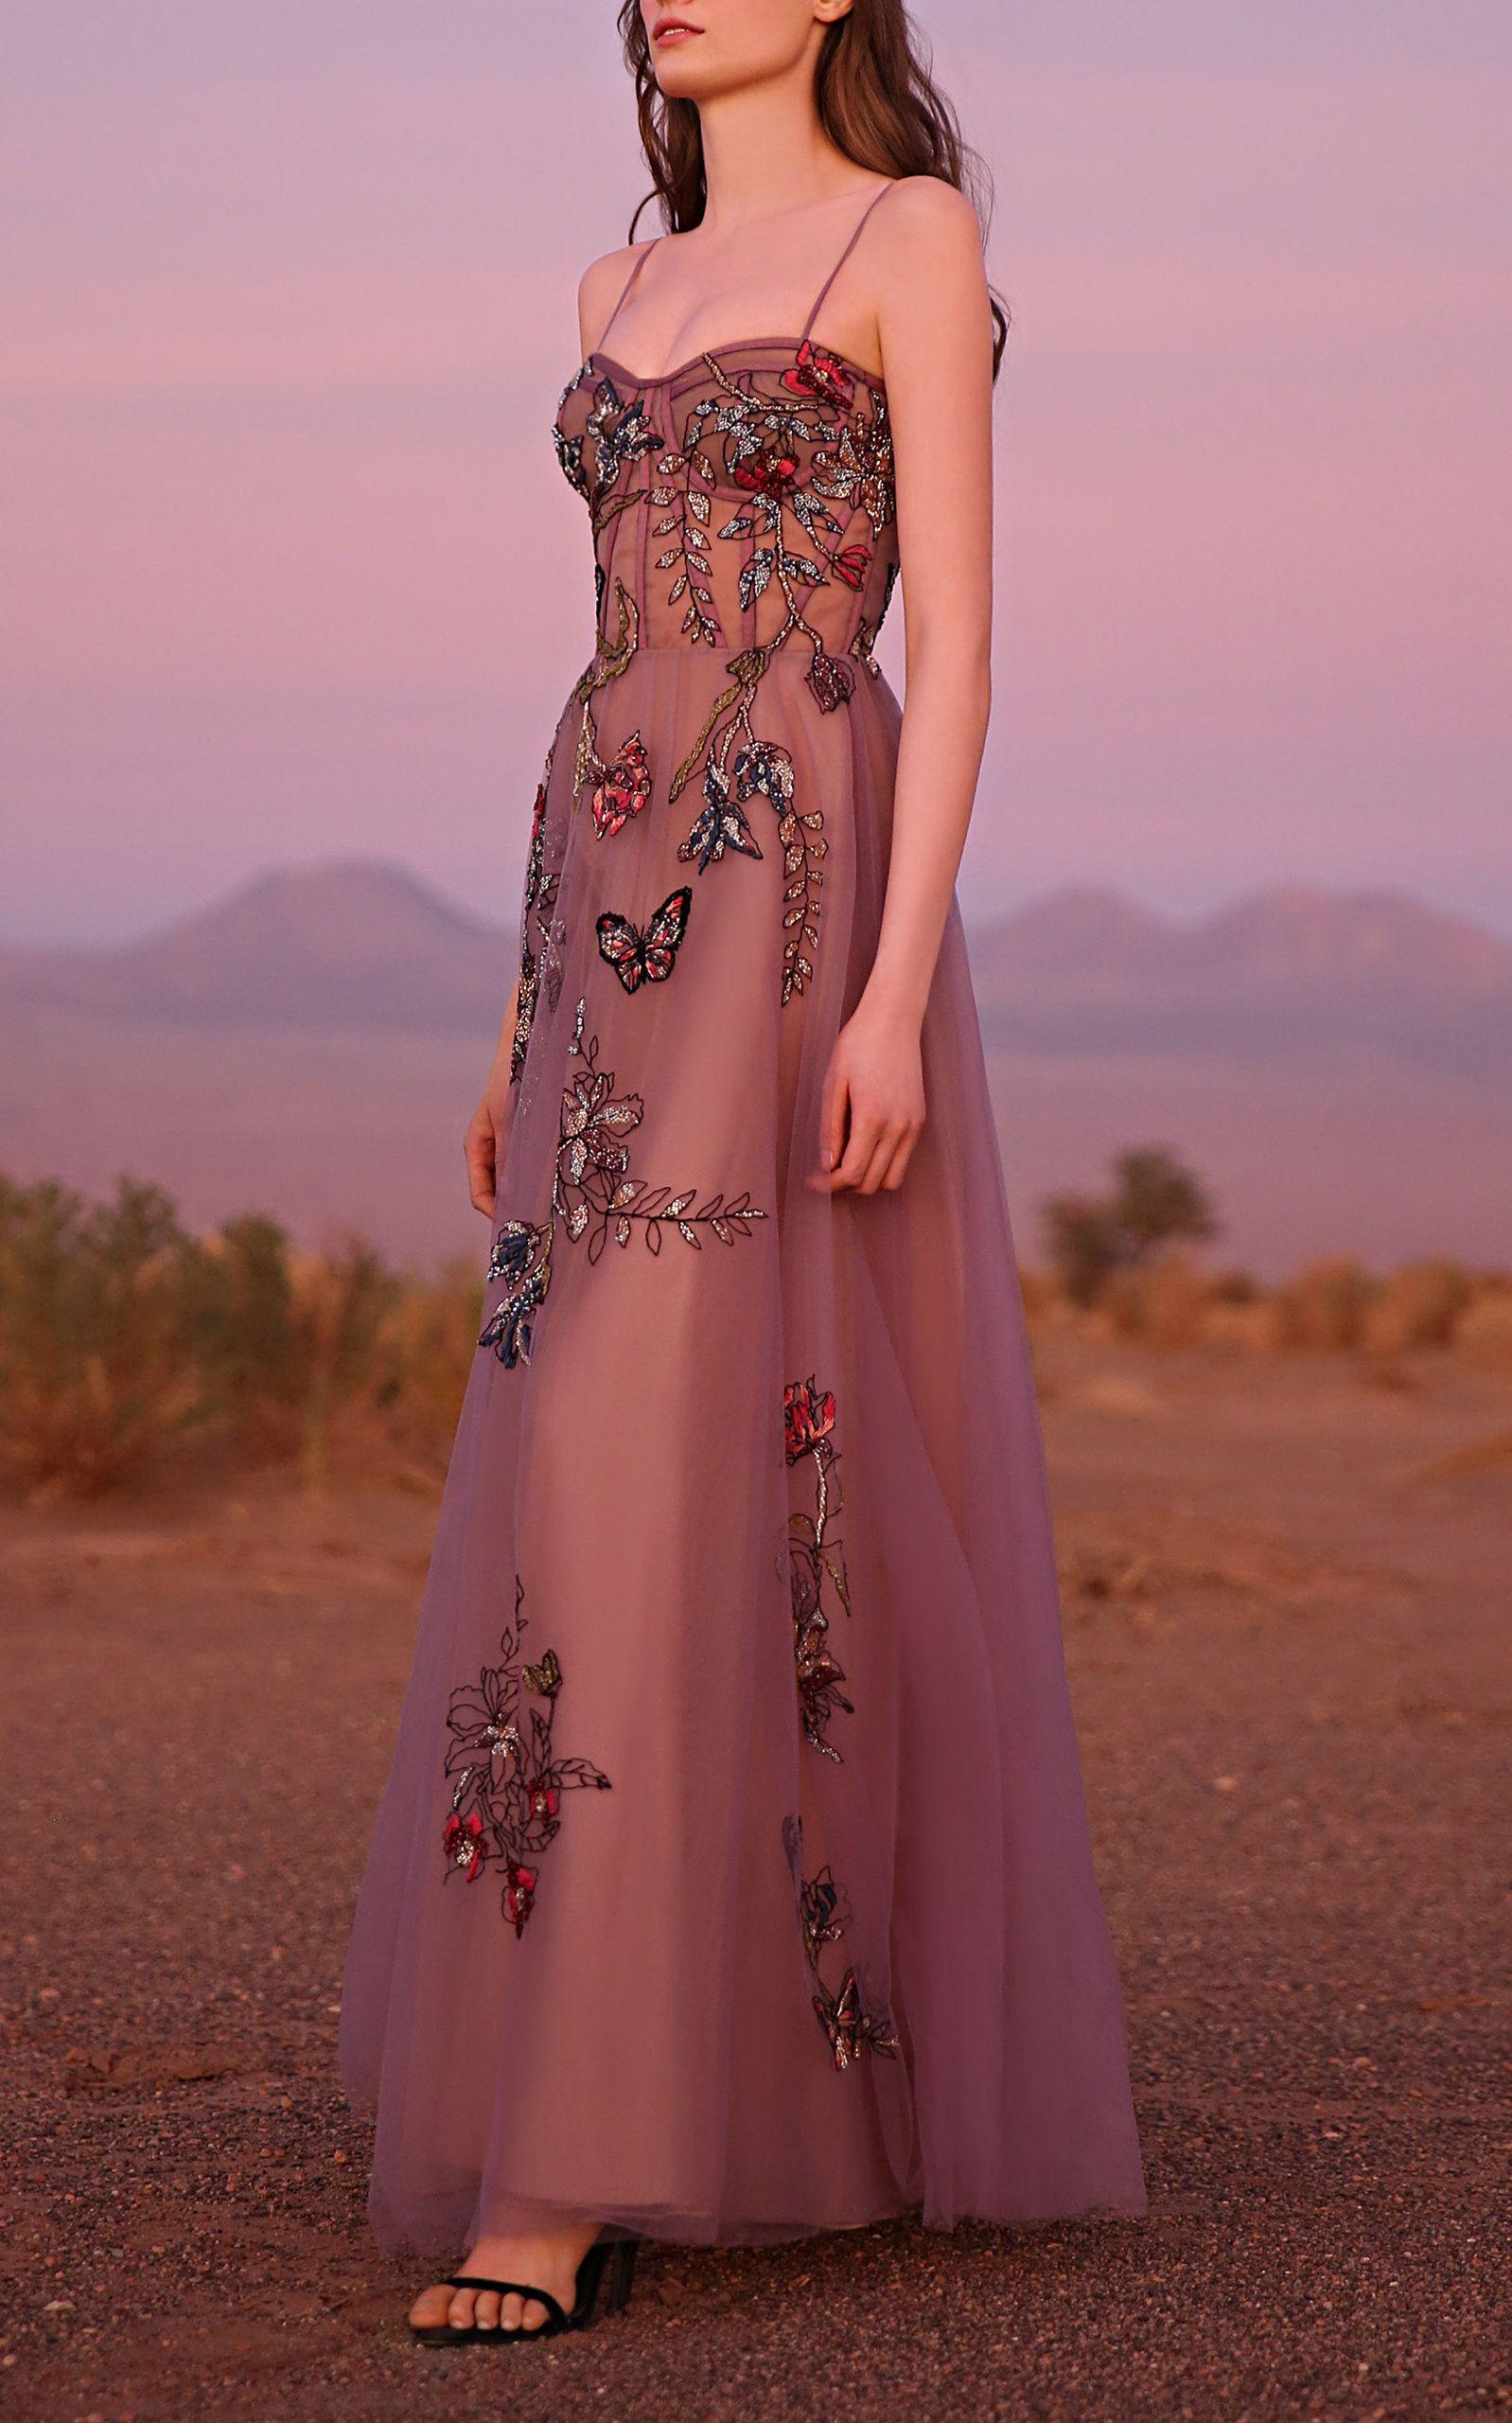 Patbo Patricia Bonaldi Fashion Collections For Wom